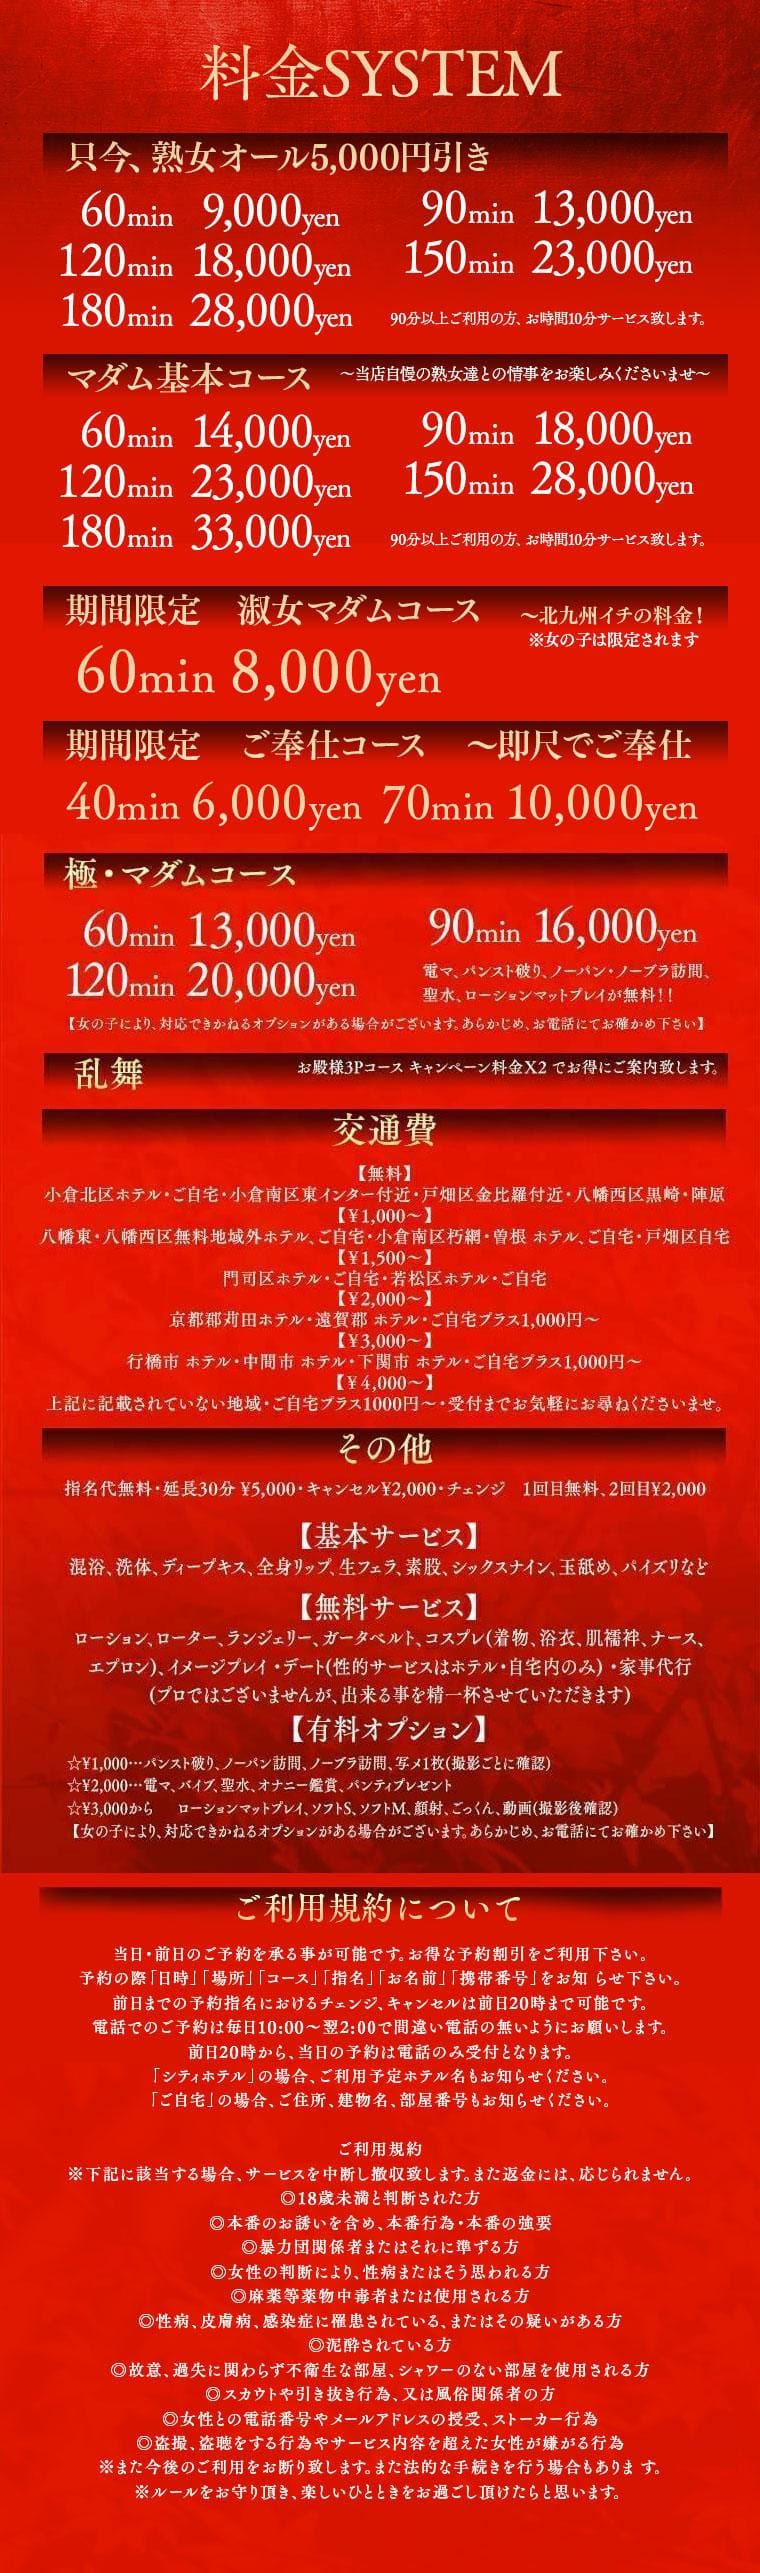 【北九州・熟女専門処・紫蘭マダム】の料金システム